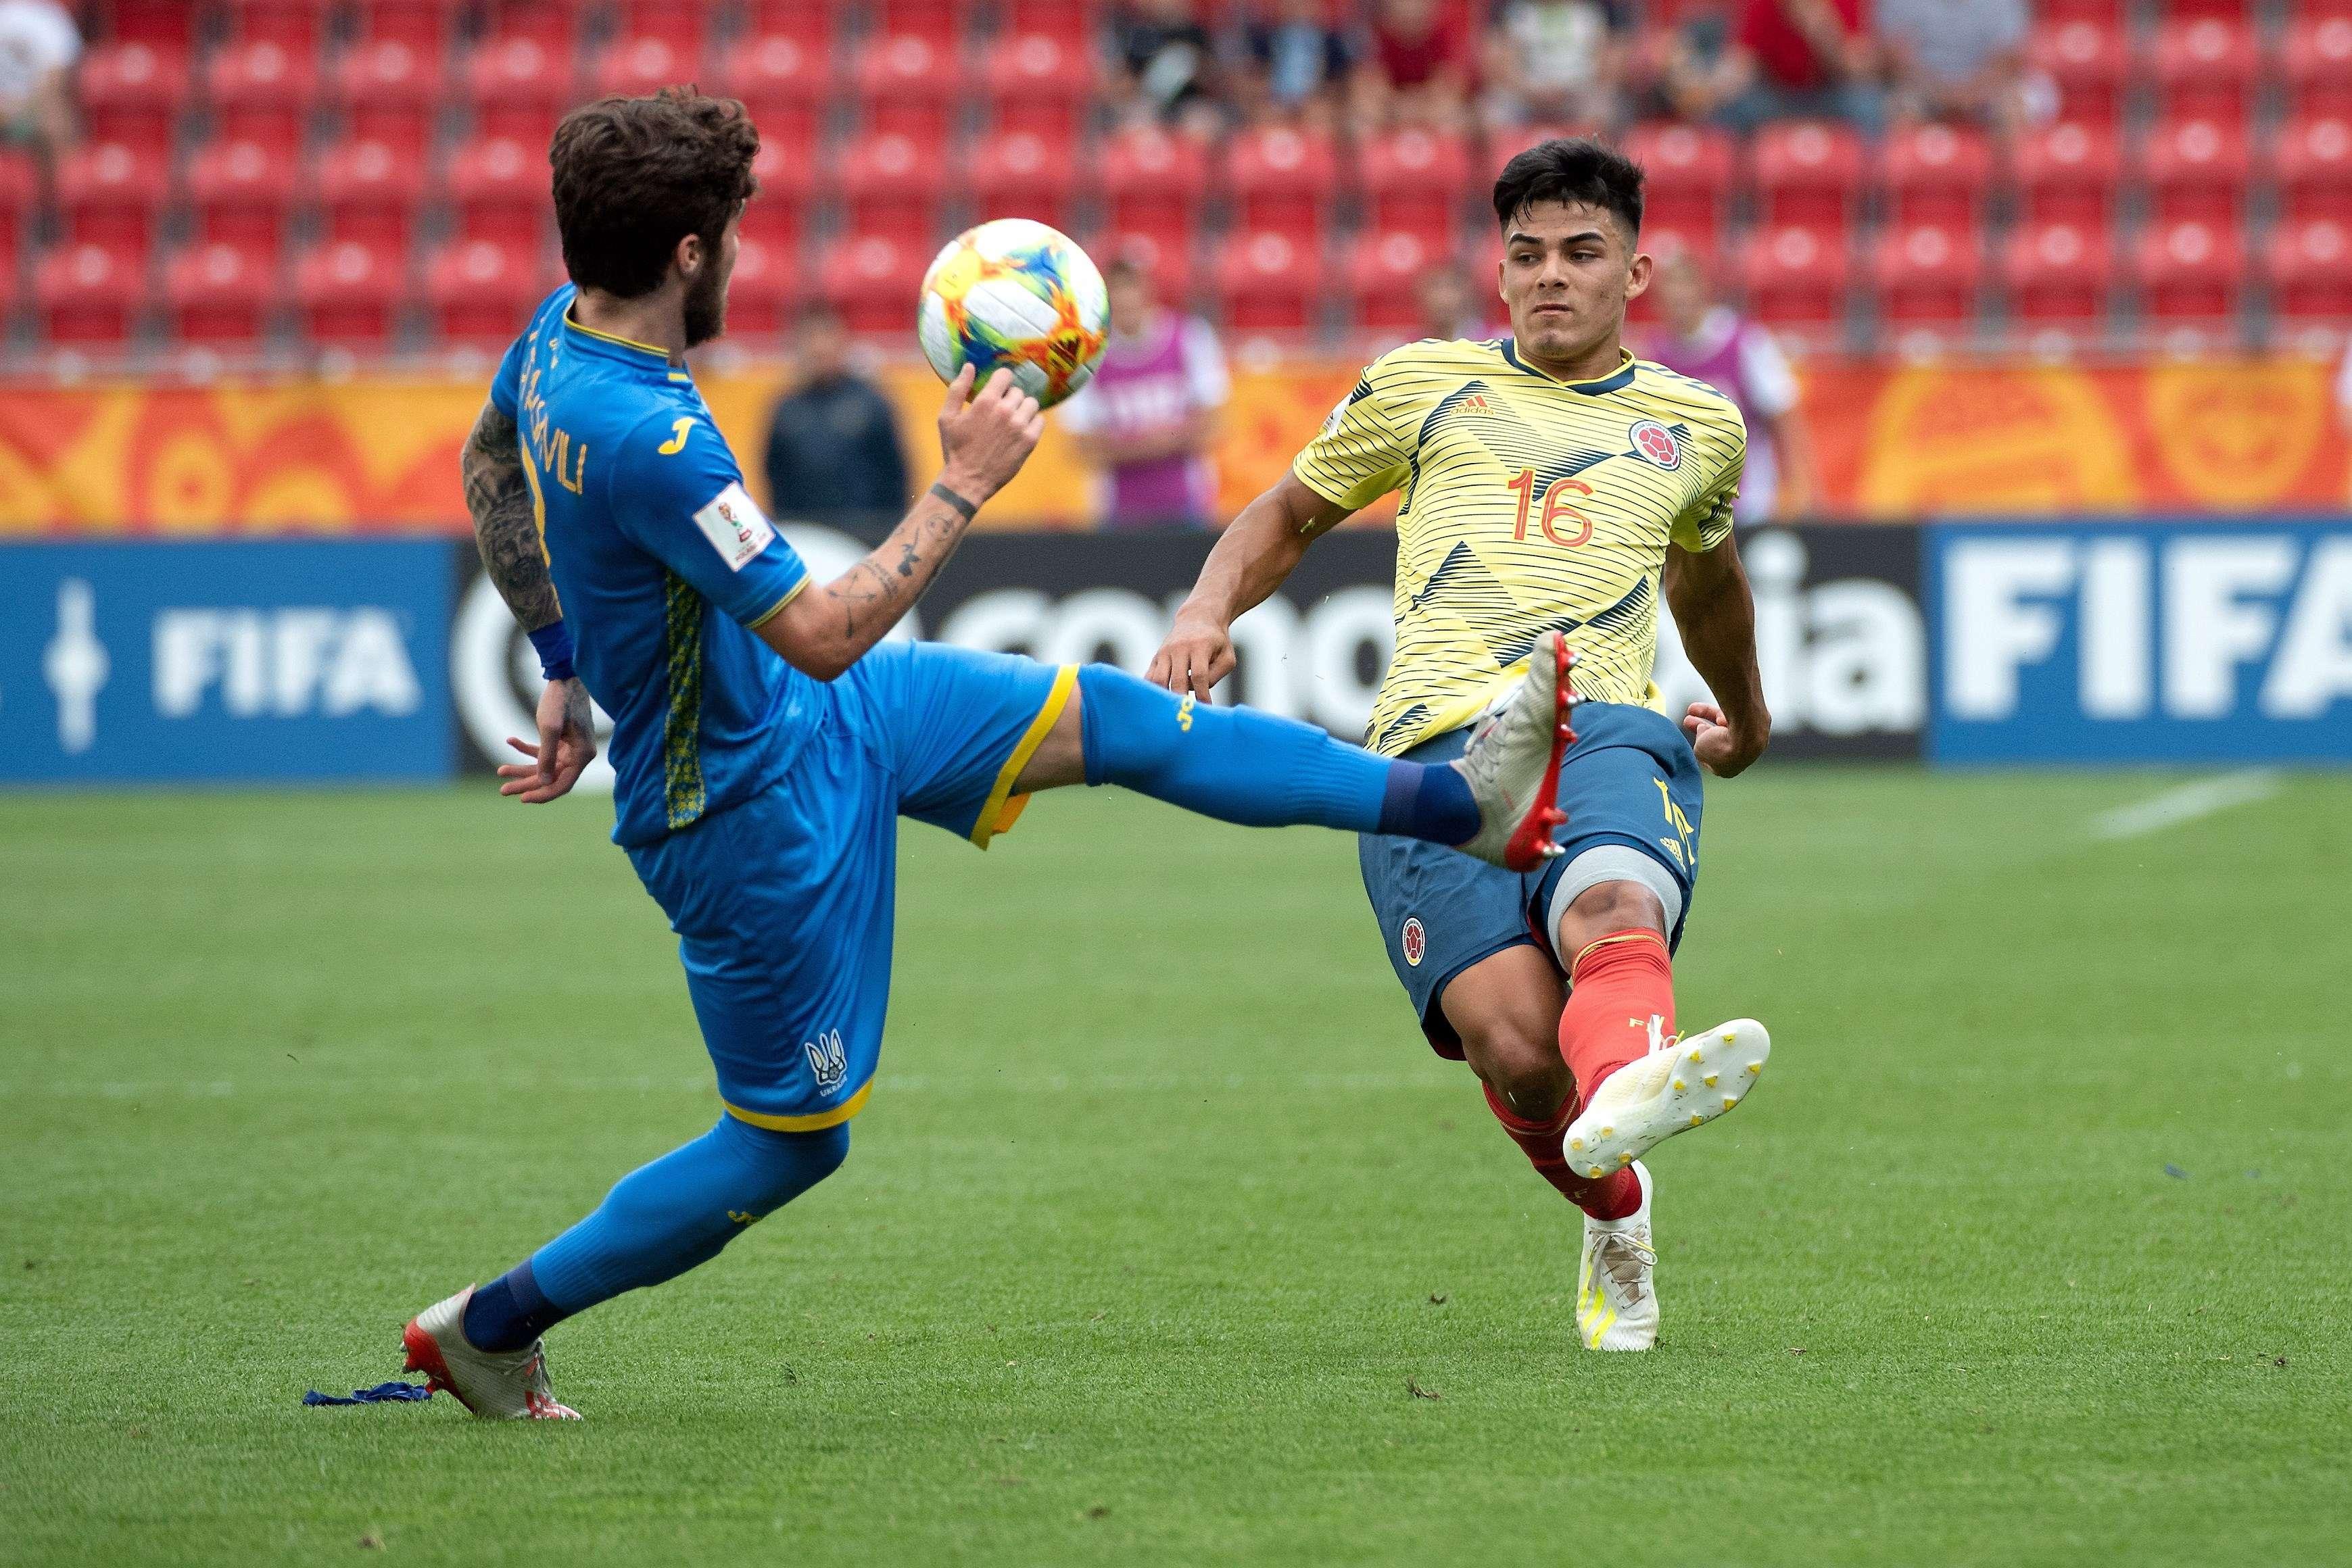 Los colombianos se vieron perjudicados por un error. / EFE